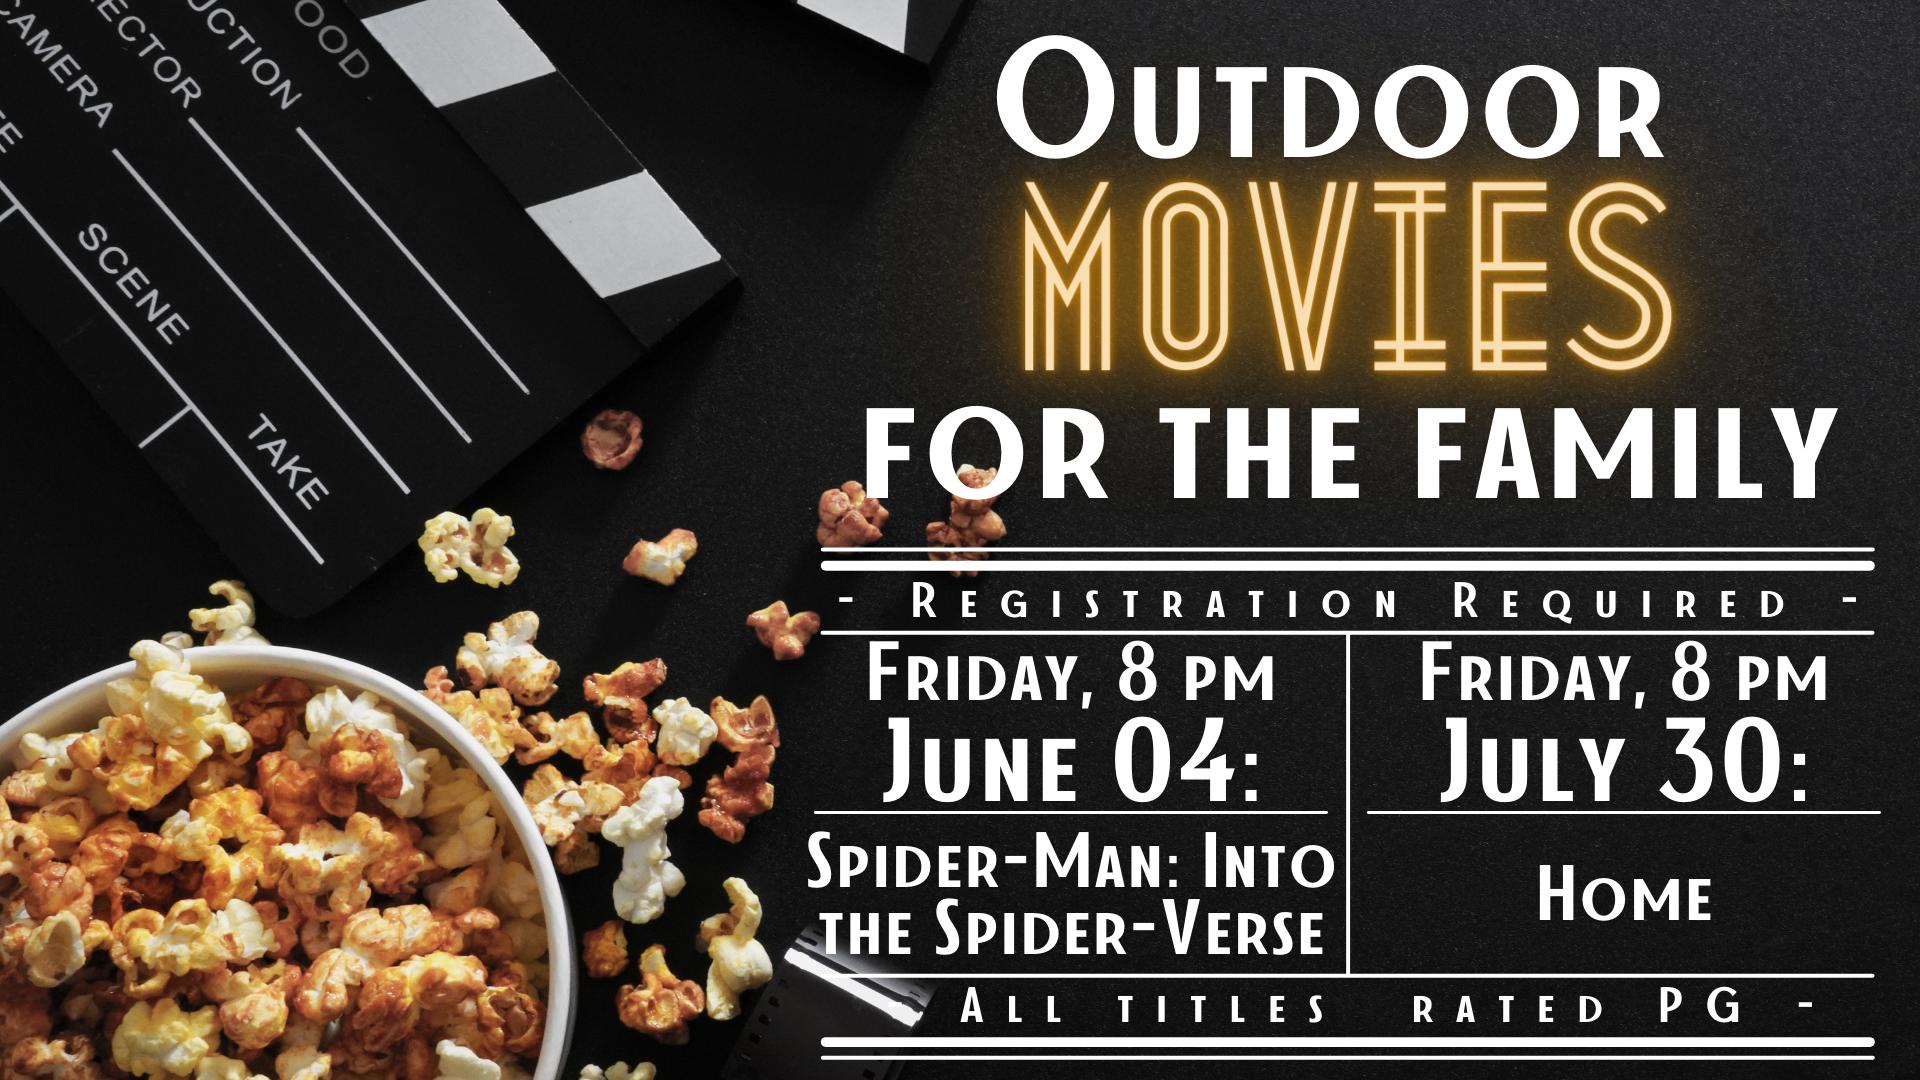 Outdoor Movie:  Spider-man: Into the Spider-verse